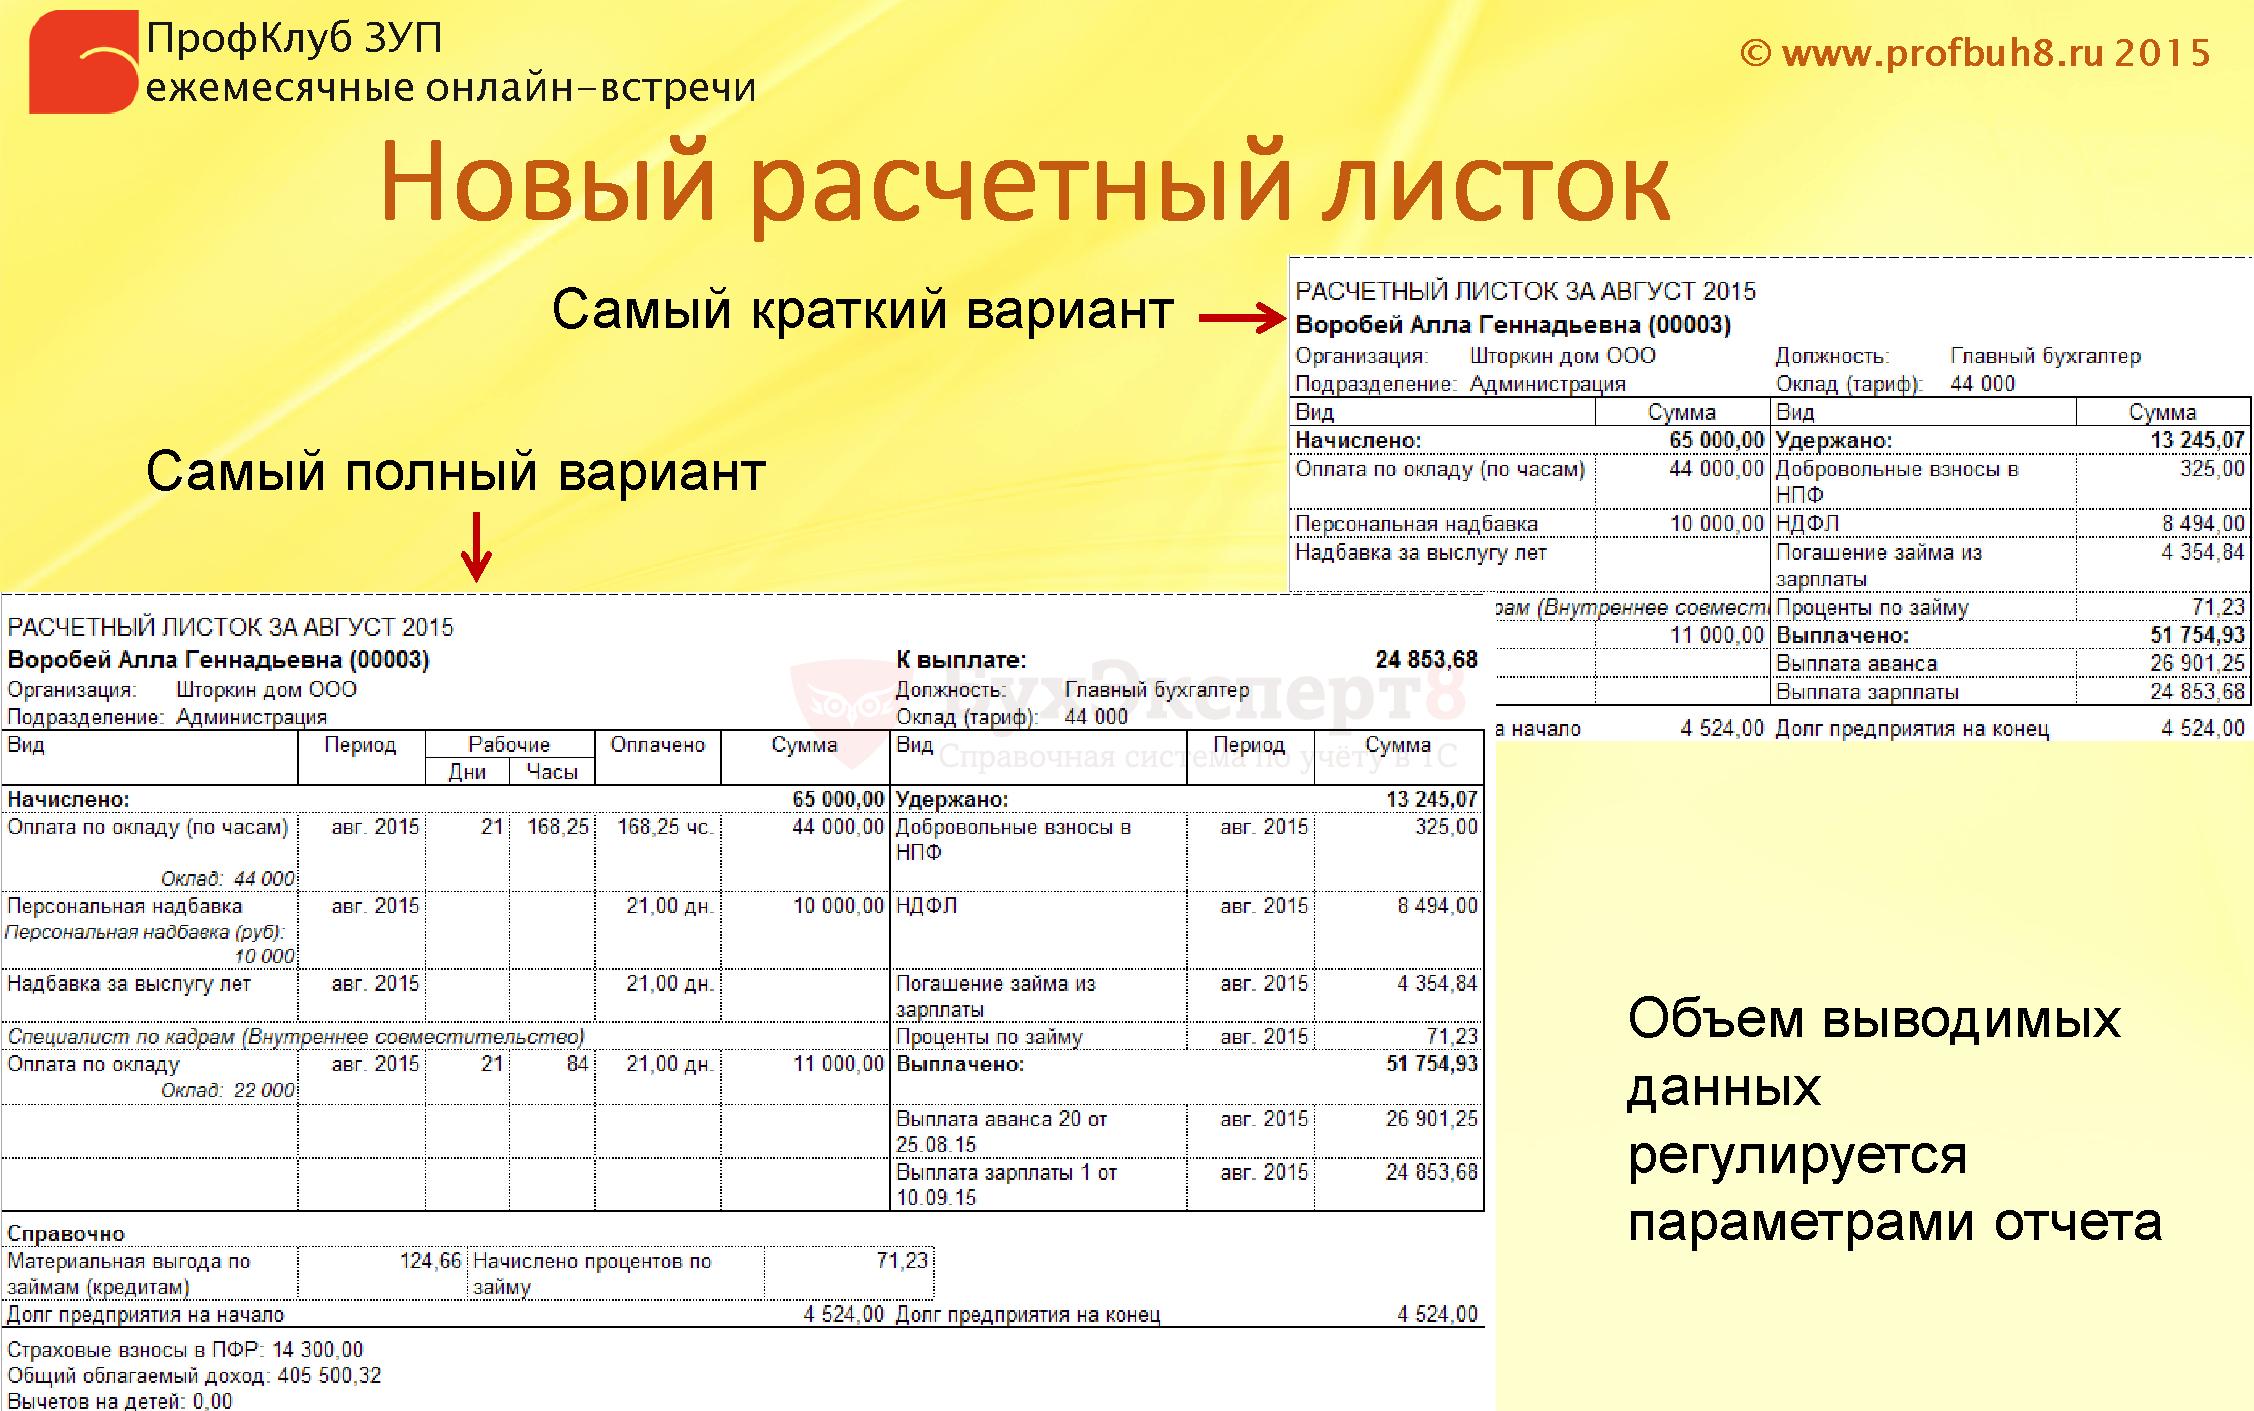 Новый расчетный листок Самый краткий вариант Самый полный вариант Объем выводимых данных регулируется параметрами отчета